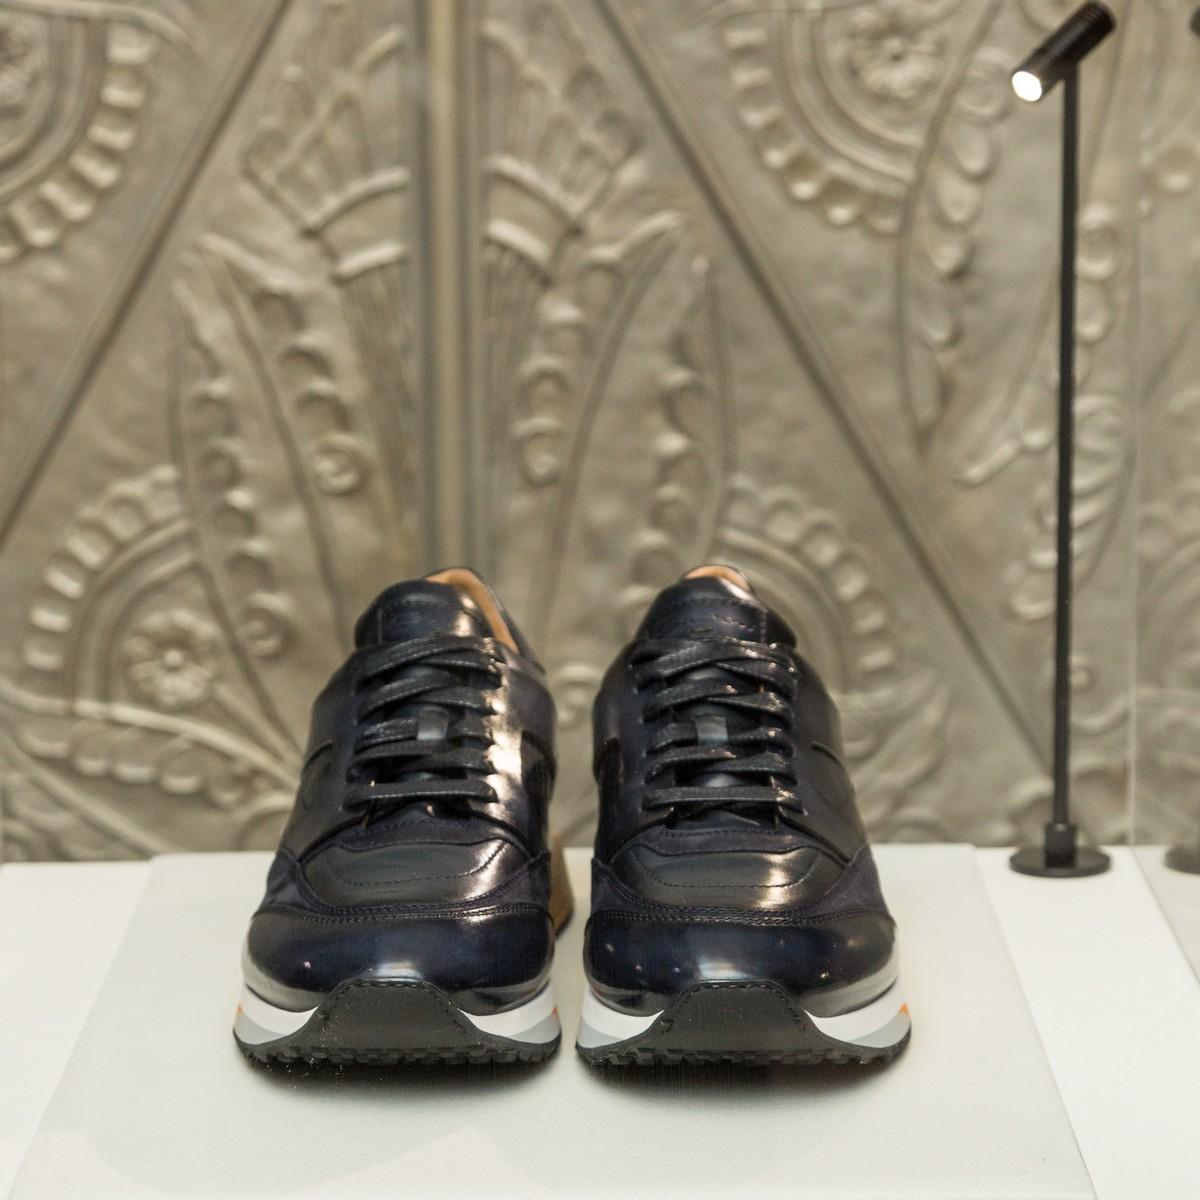 santoni calzature uomo modello sneakers estive